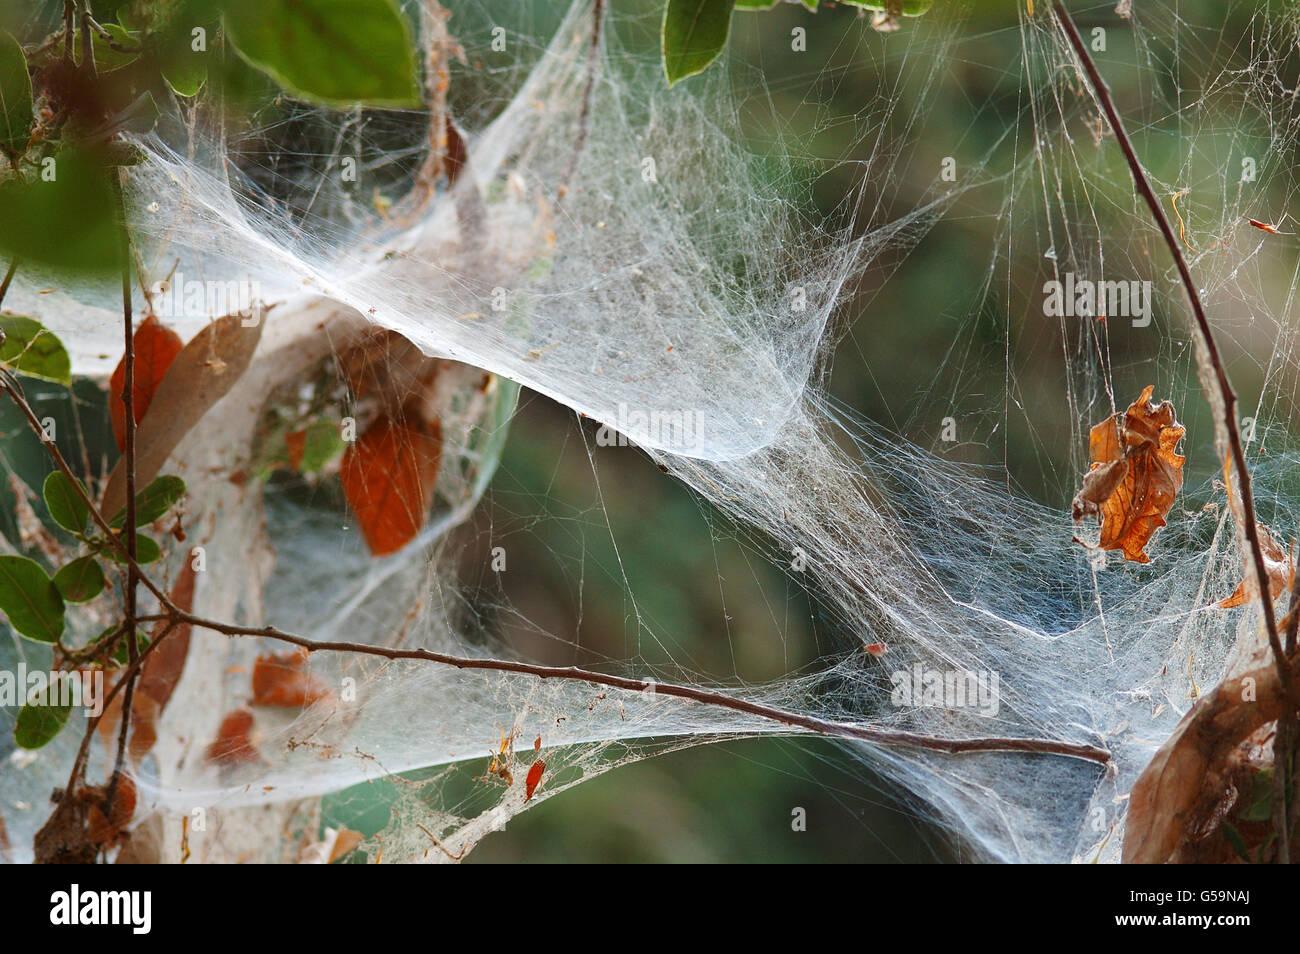 Tela de Araña antigua en planta seca Imagen De Stock